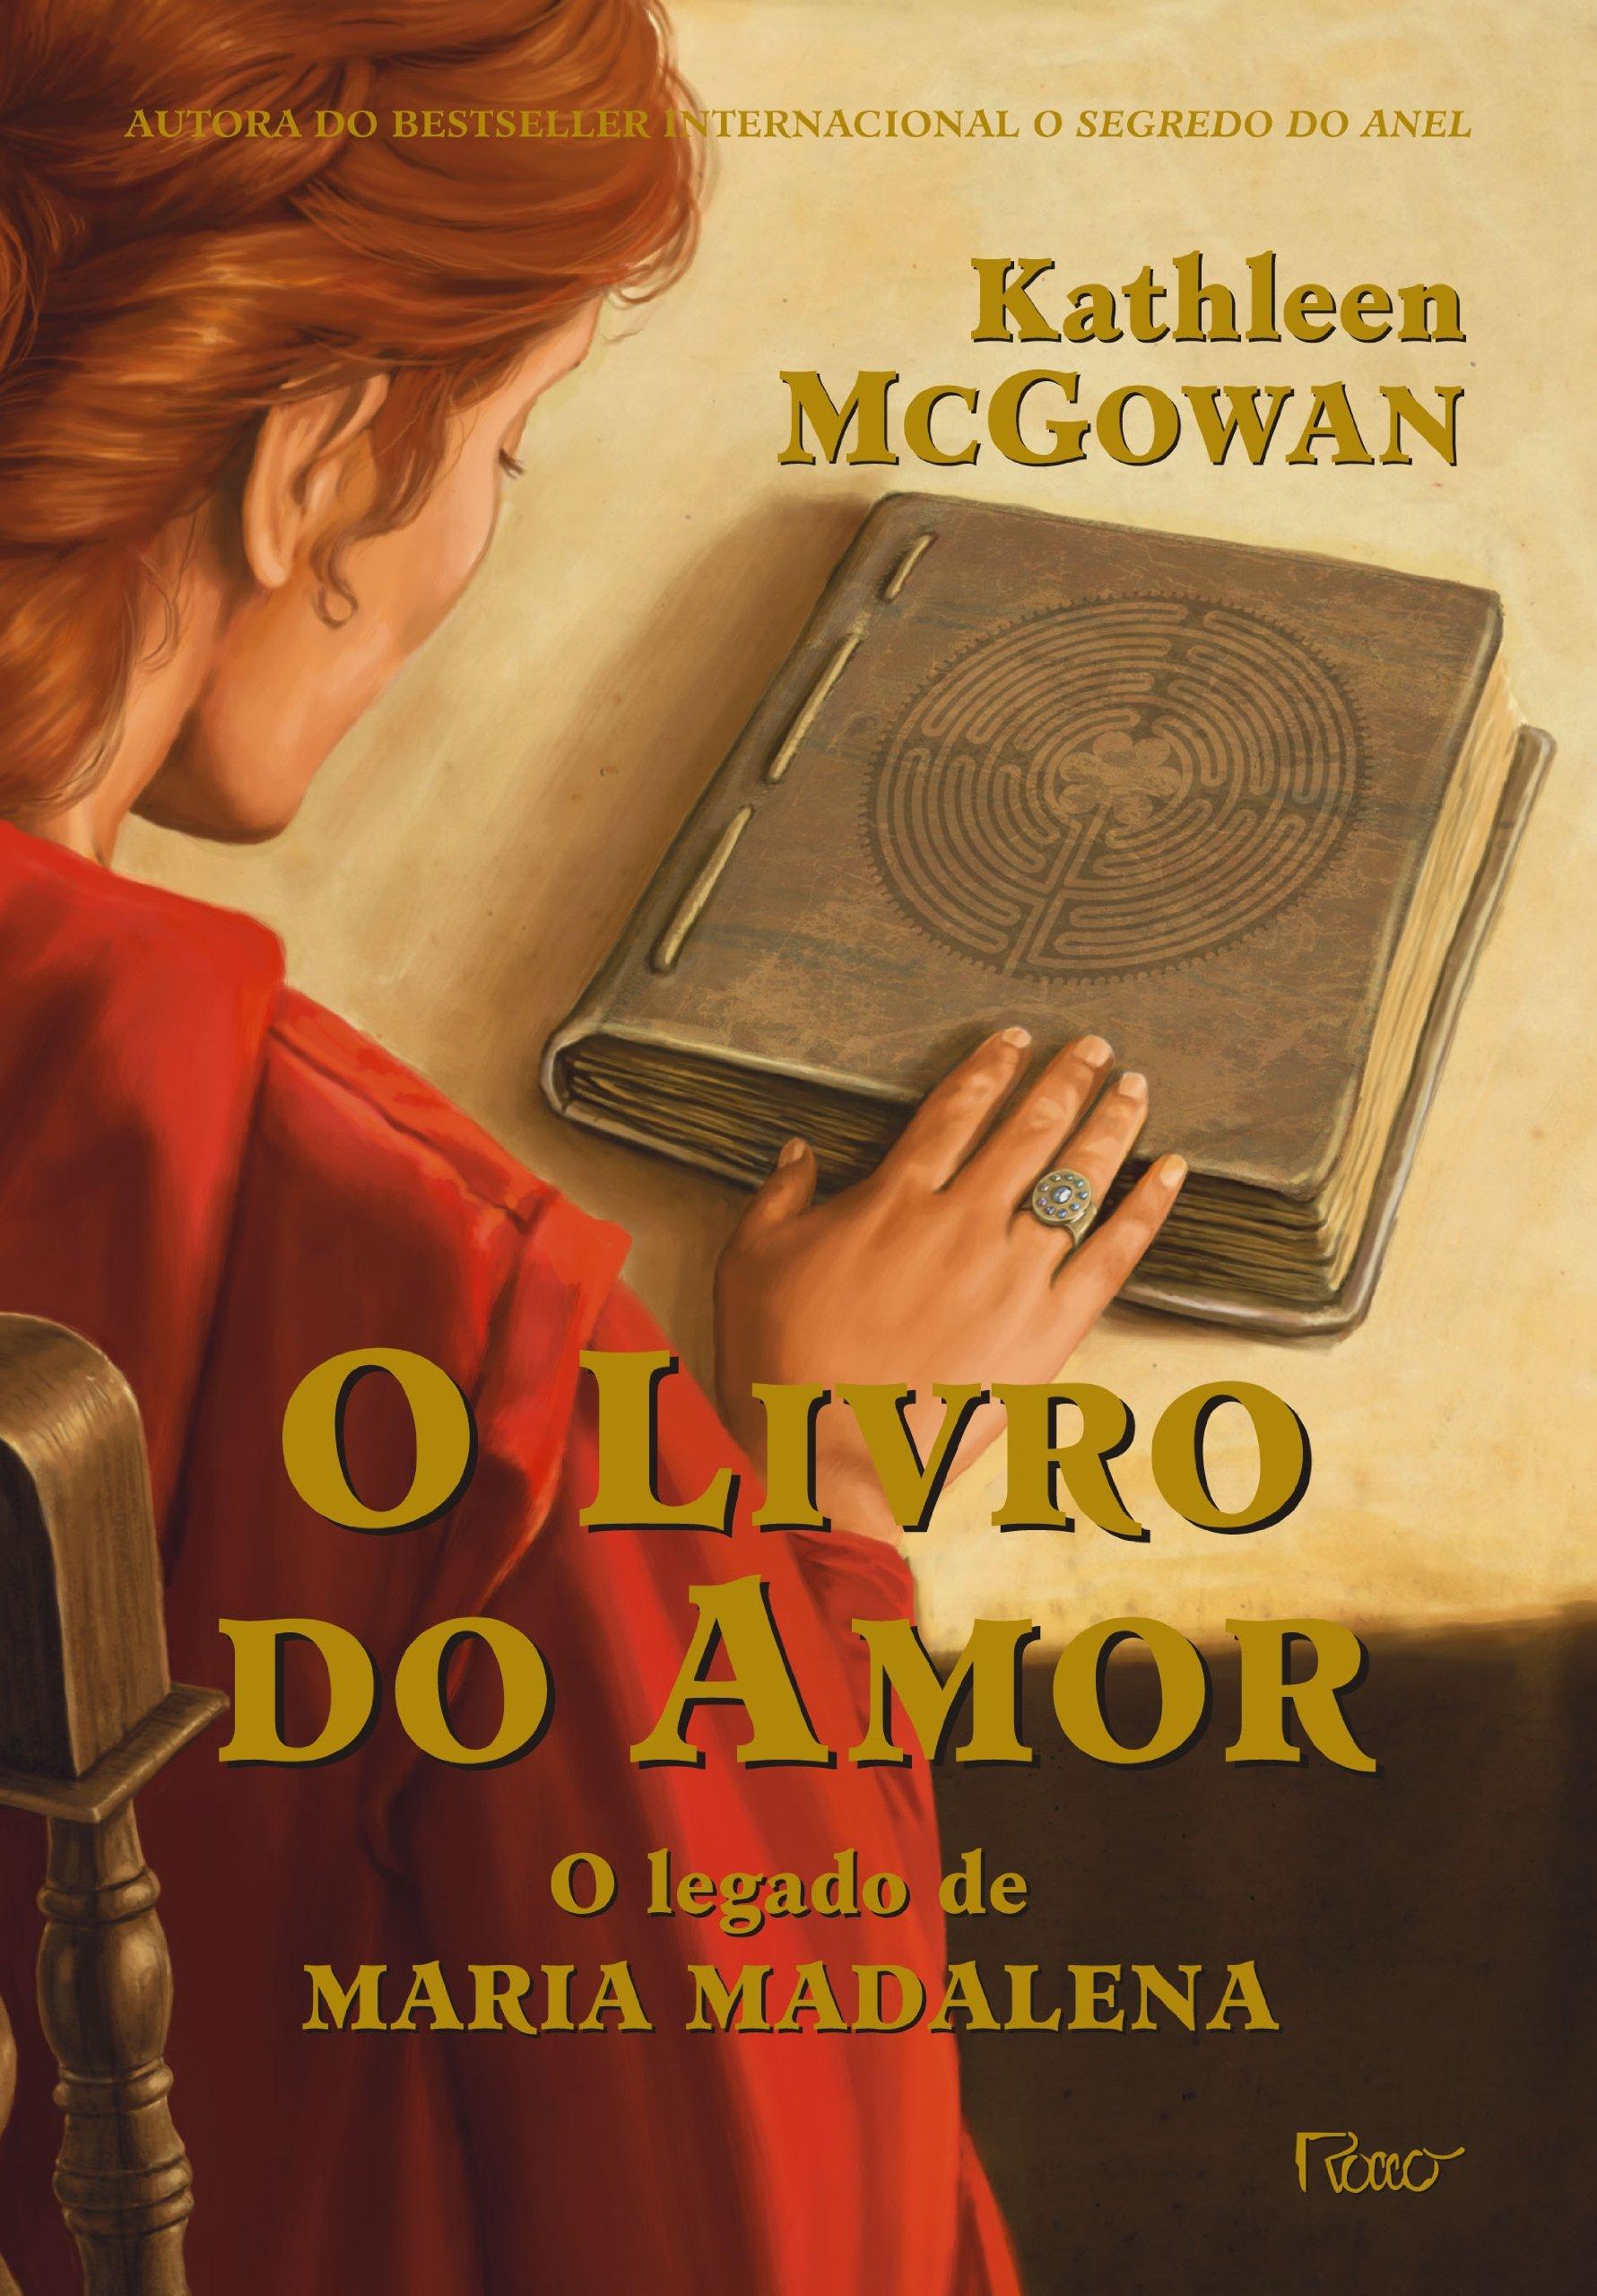 O segredo do anel (o legado de maria madalena #1) kathleen mcgowan.